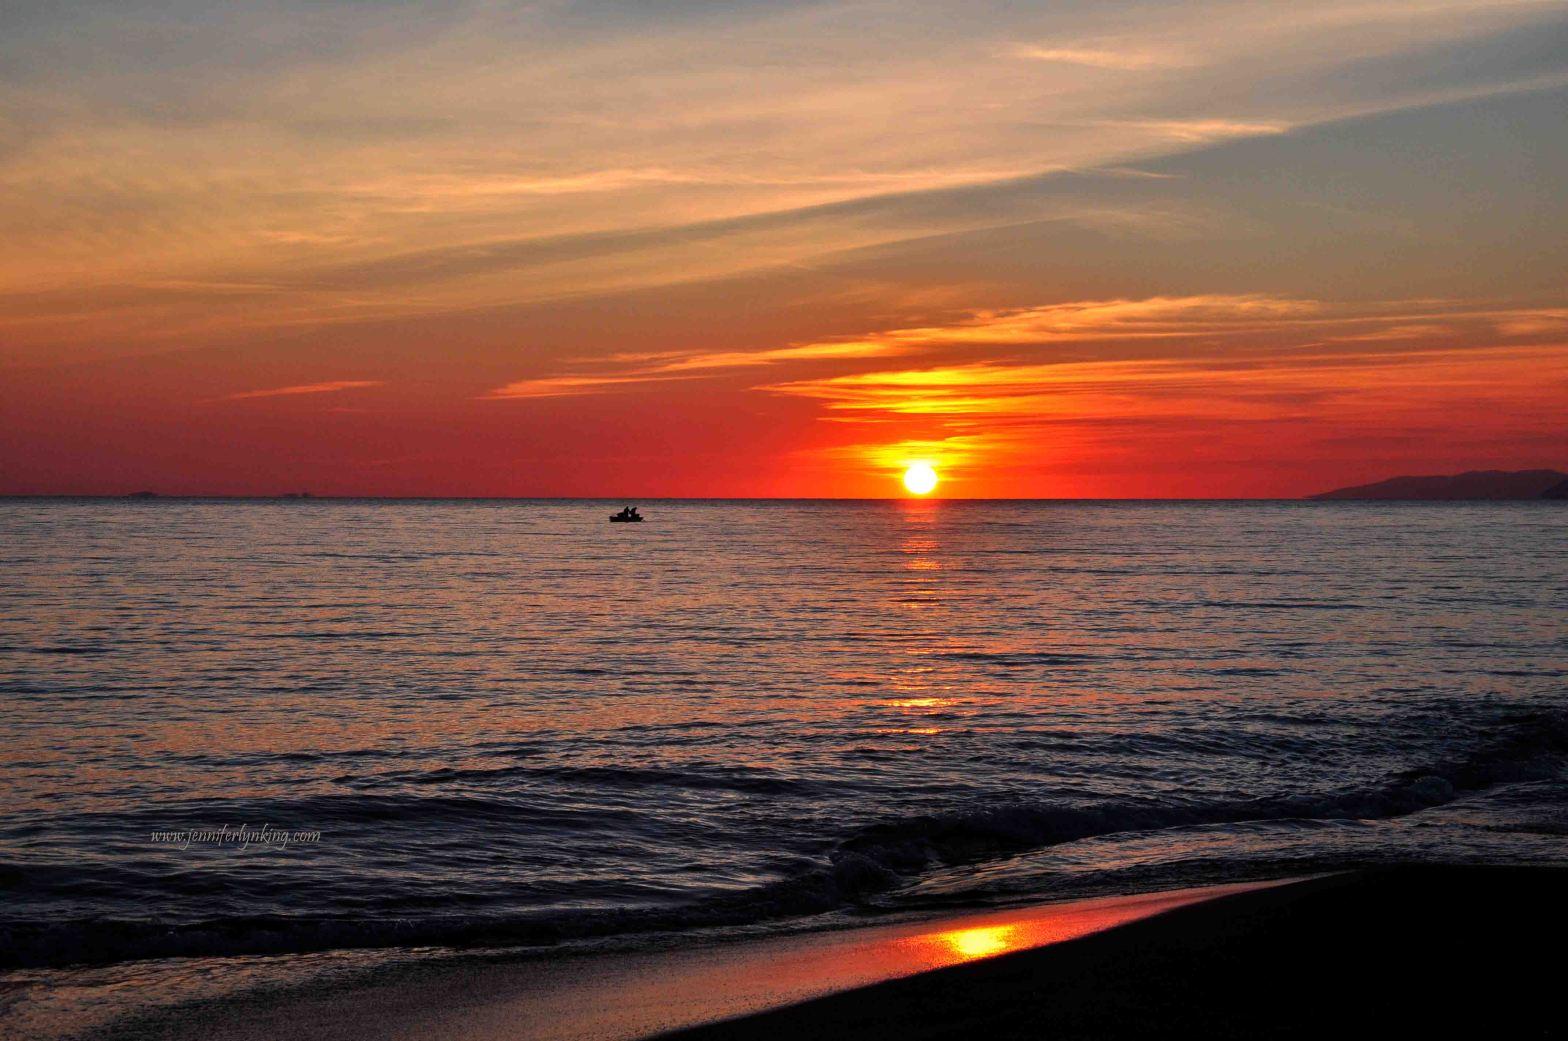 Sunset on Italy's Maremma, over the Mediterranean